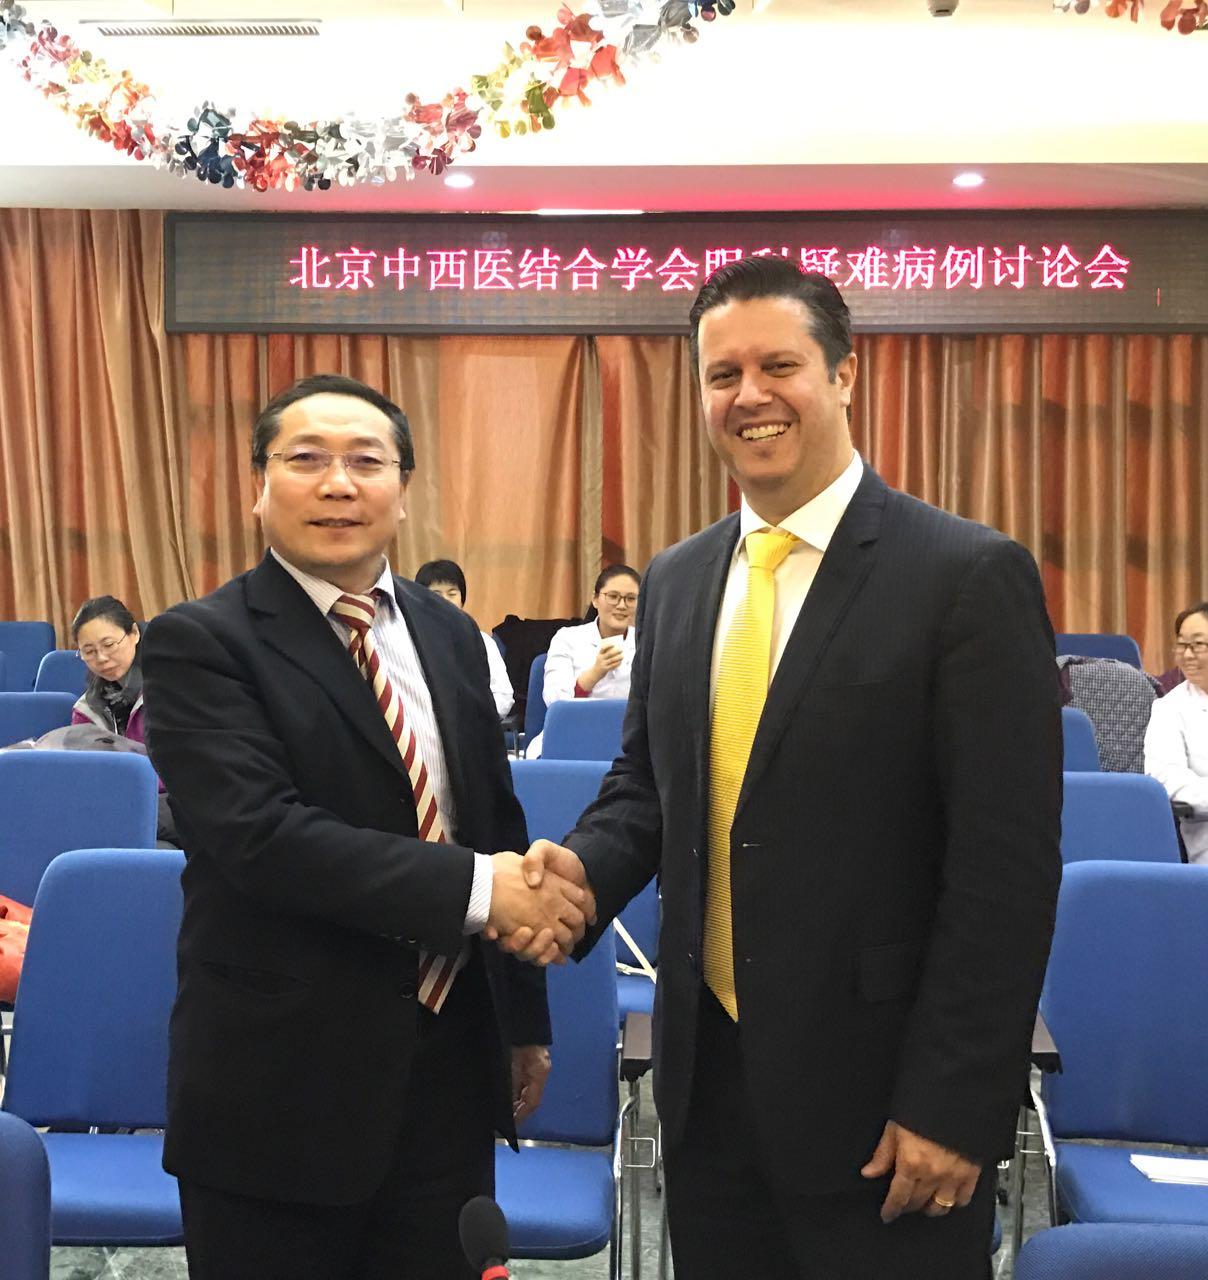 André Romano, ao lado do representante do governo chinês